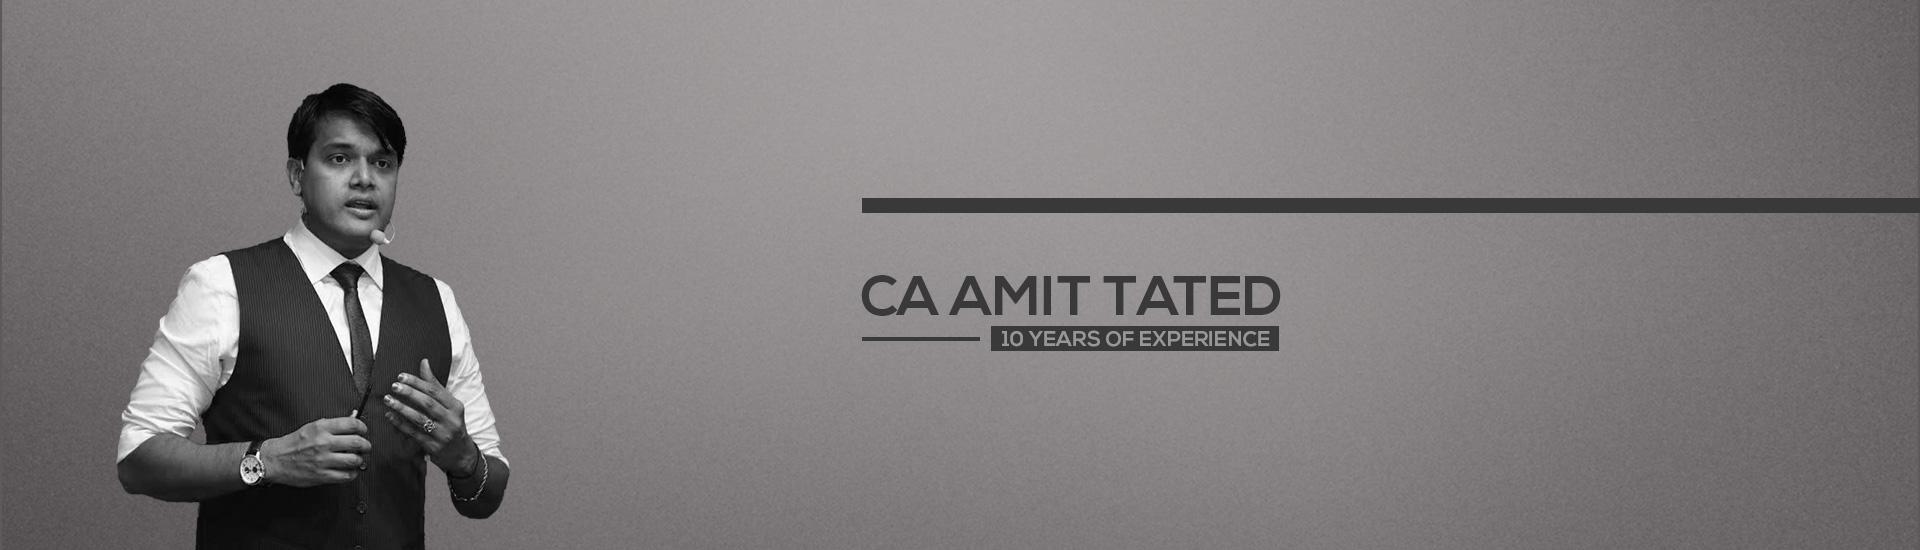 Amit-Tated-550